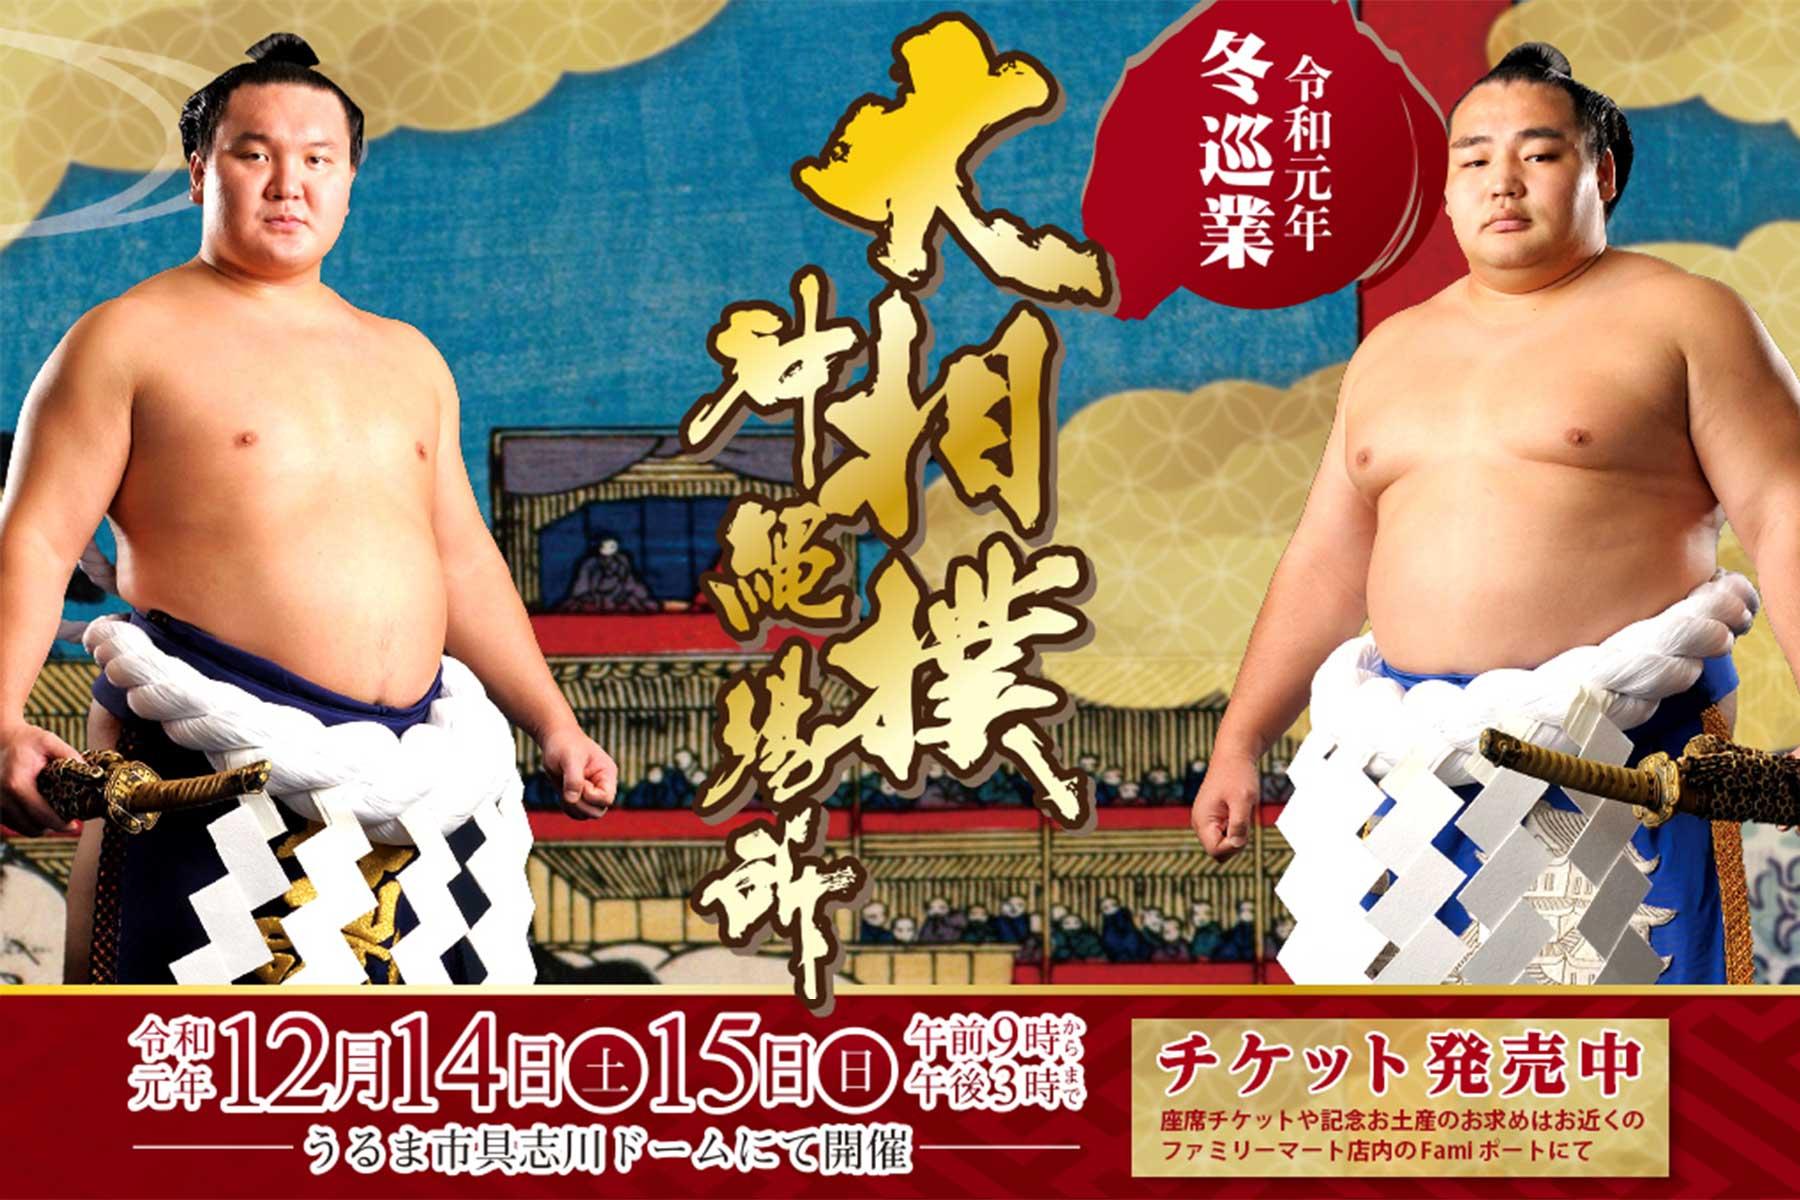 大相撲沖縄場所-令和元年冬巡業-一般協賛のお知らせ